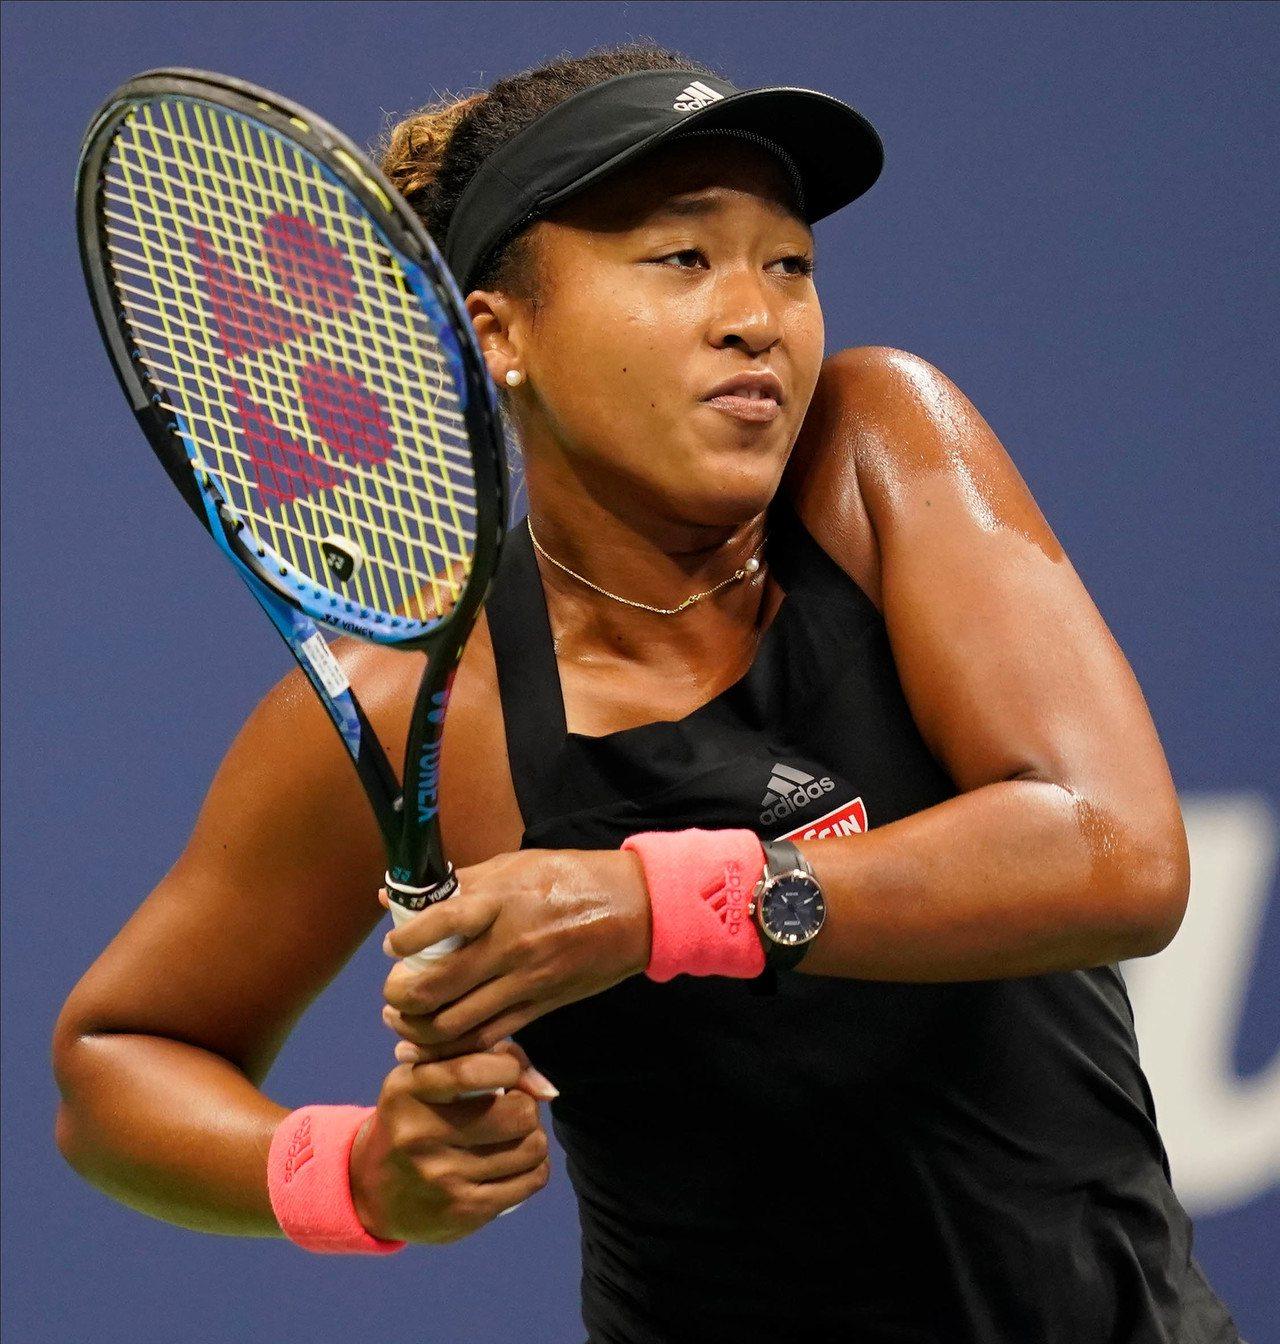 日本網球名將大阪直美去年在美國公開賽對戰美國網球名將小威廉絲,最後獲勝。(美聯社...